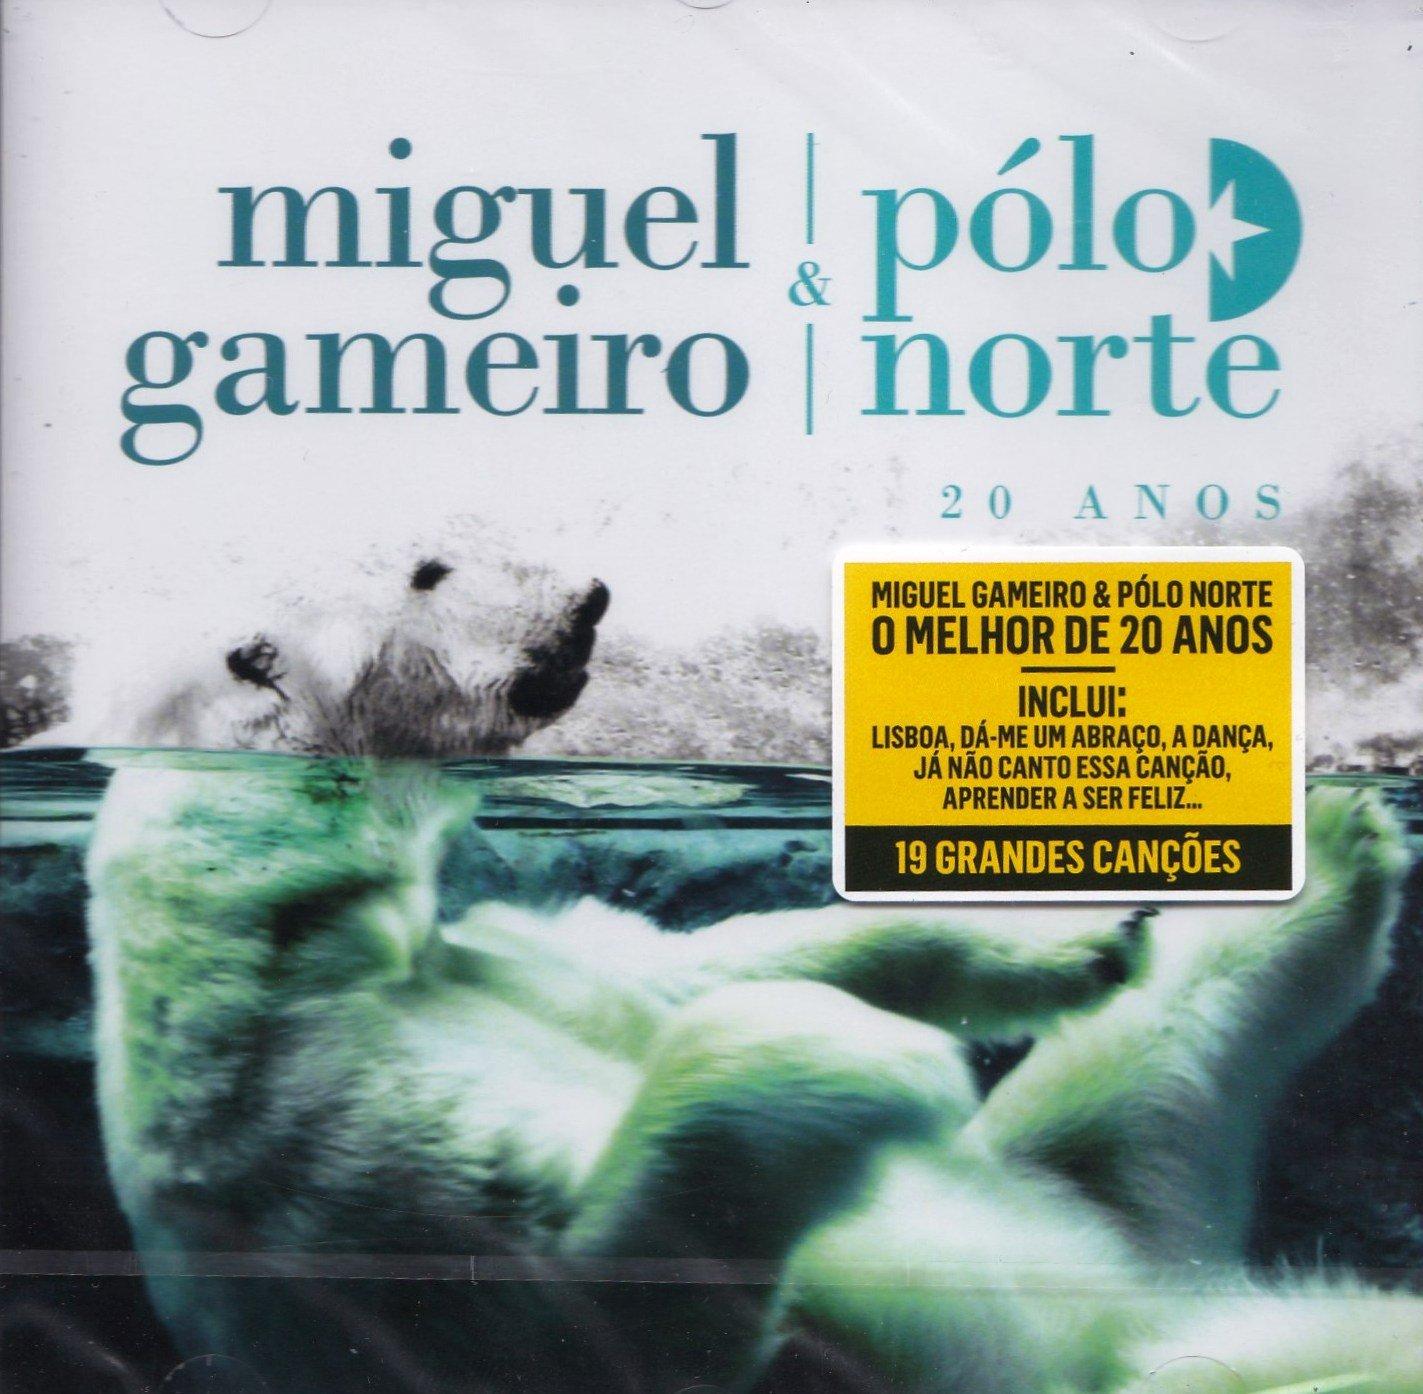 Miguel Gameiro & Polo Norte - 20 Anos 2014: Polo Norte Miguel ...